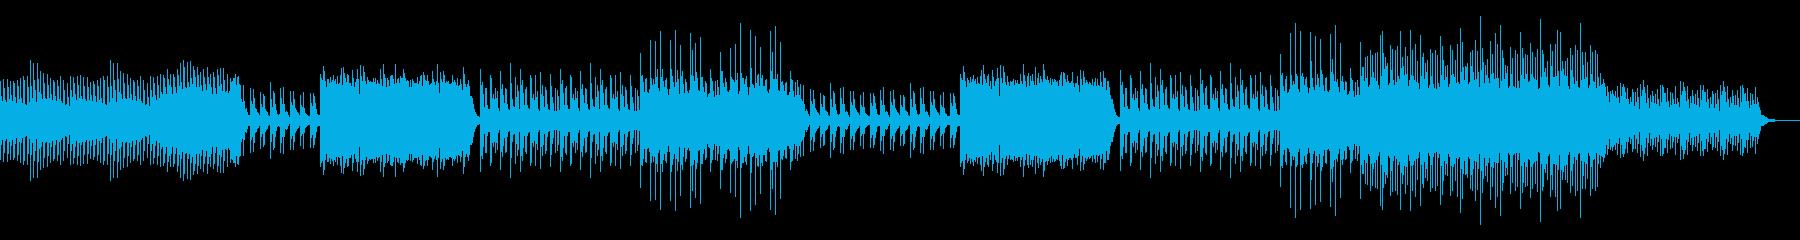 キラキラしたピアノが美しいBGMの再生済みの波形